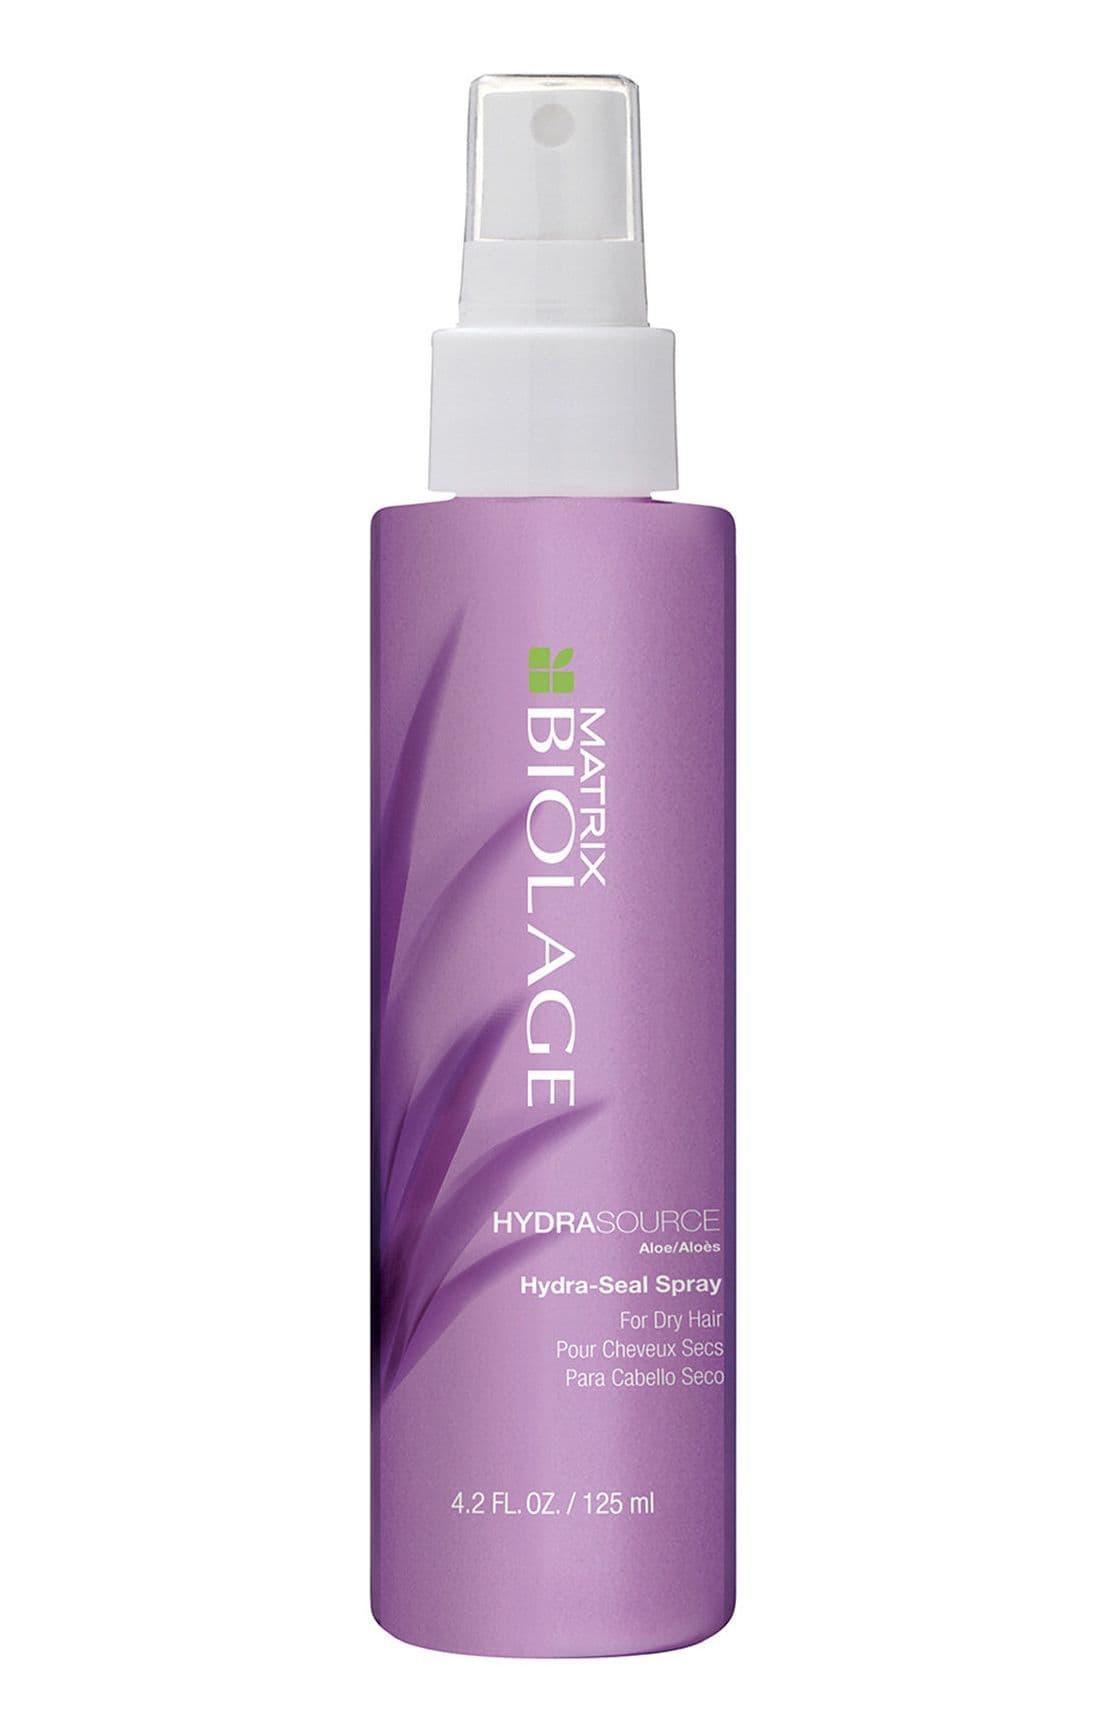 Biolage Hydrasource Несмываемый Спрей-ВуальУход за волосами<br>Несмываемый спрей-вуаль для сухих волос HYDRASOURCE  Когда волосы недостаточно увлажнены  они теряют прежнюю яркость  становятся более жесткими  Вдохновленный свойствами алоэ  несмываемый спрей-вуаль Biolage HYDRASOURCE trade   ГидраСурс  помогает оптимизировать гидробаланс сухих волос  возвращая им зворовый  сияющий вид  Волосы в 15 раз более увлажненные после первого использования  Увлажняет волосы обеспечивает контроль над пушистостью волос Формула без парабенов  Подходит для окрашенных волос<br>Type: 125 мл;